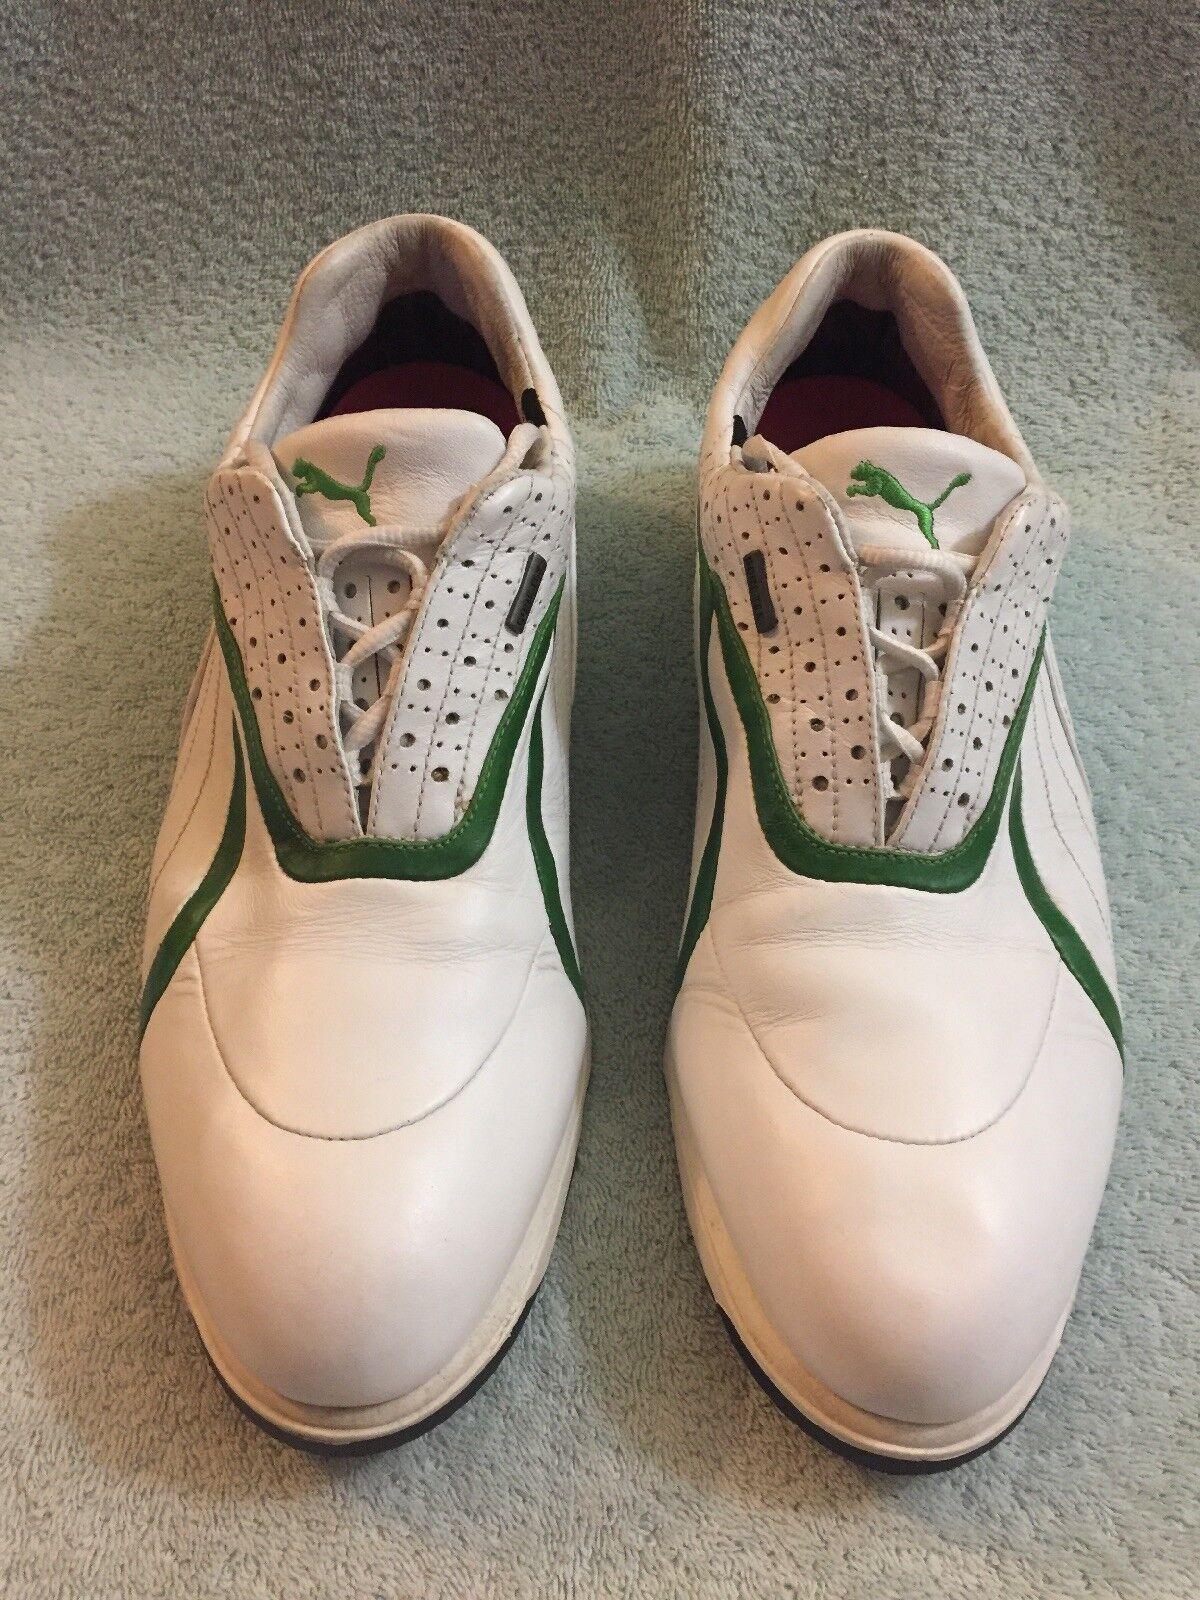 Puma GTX Gore-Tex Mens Golf Shoes White